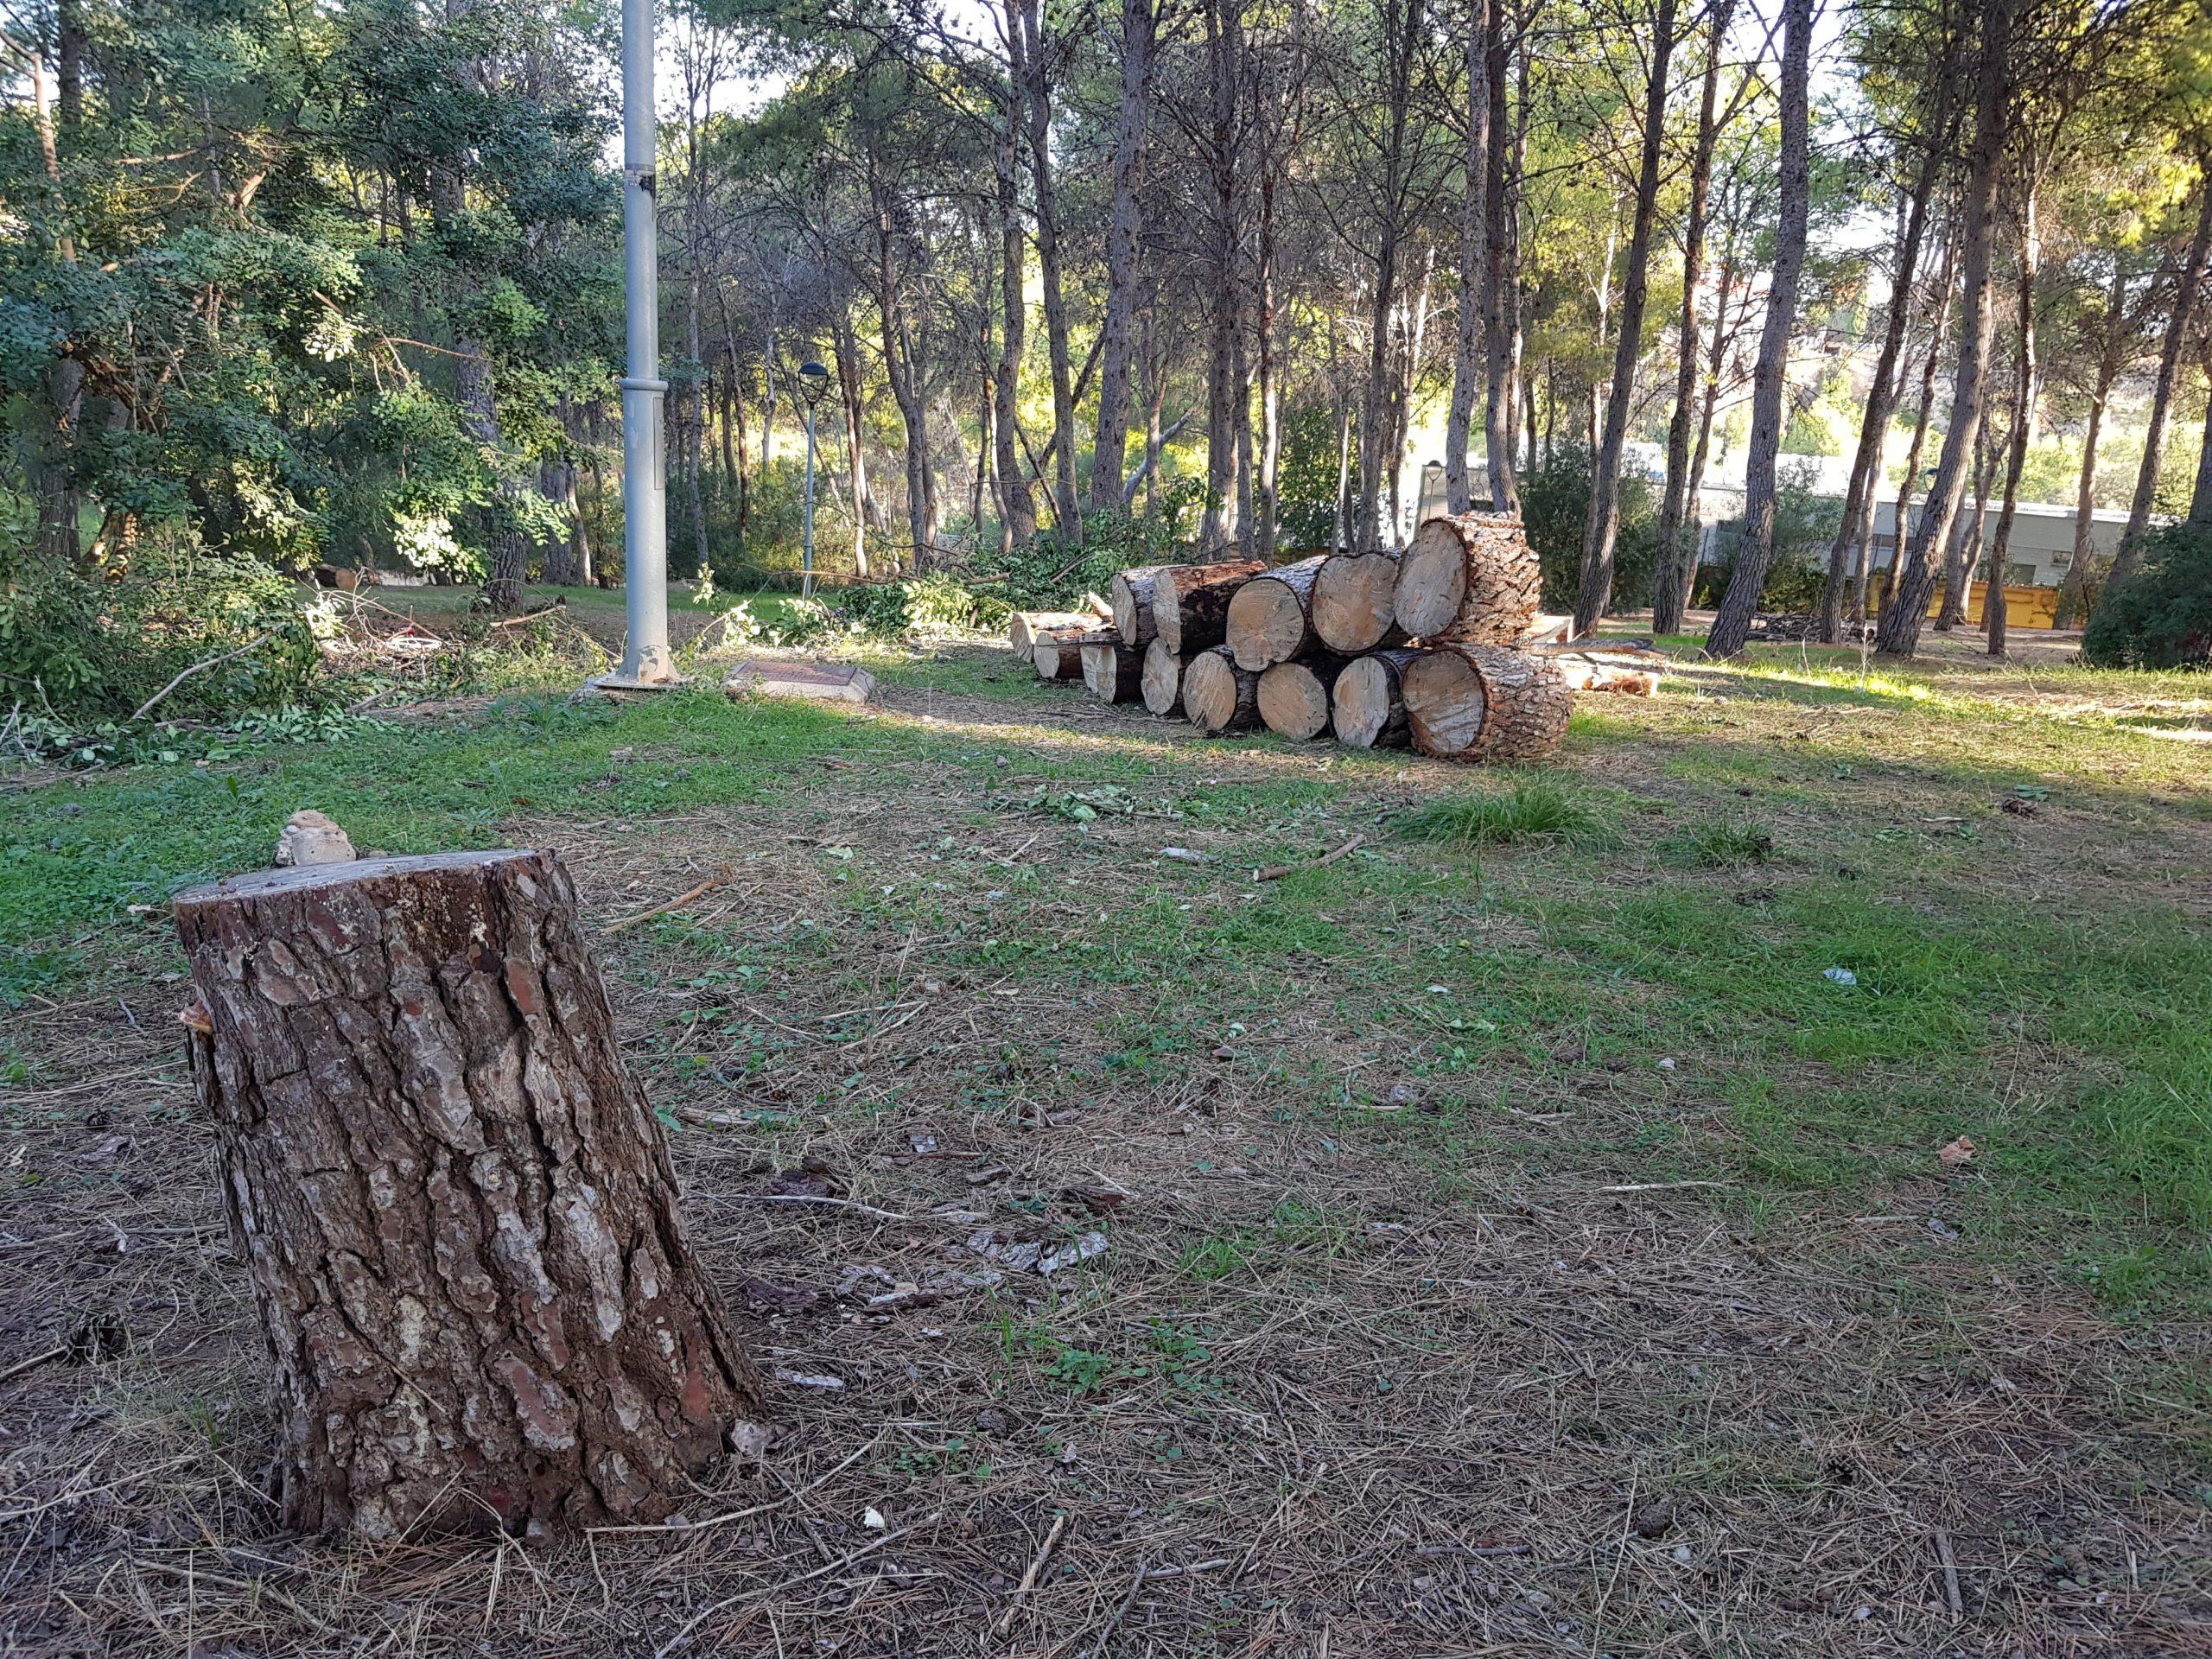 El servicio de mantenimiento del Consorcio río Mijares retira del paraje del Termet los pinos caídos y afectados por la plaga del 'Tomicus destruens'